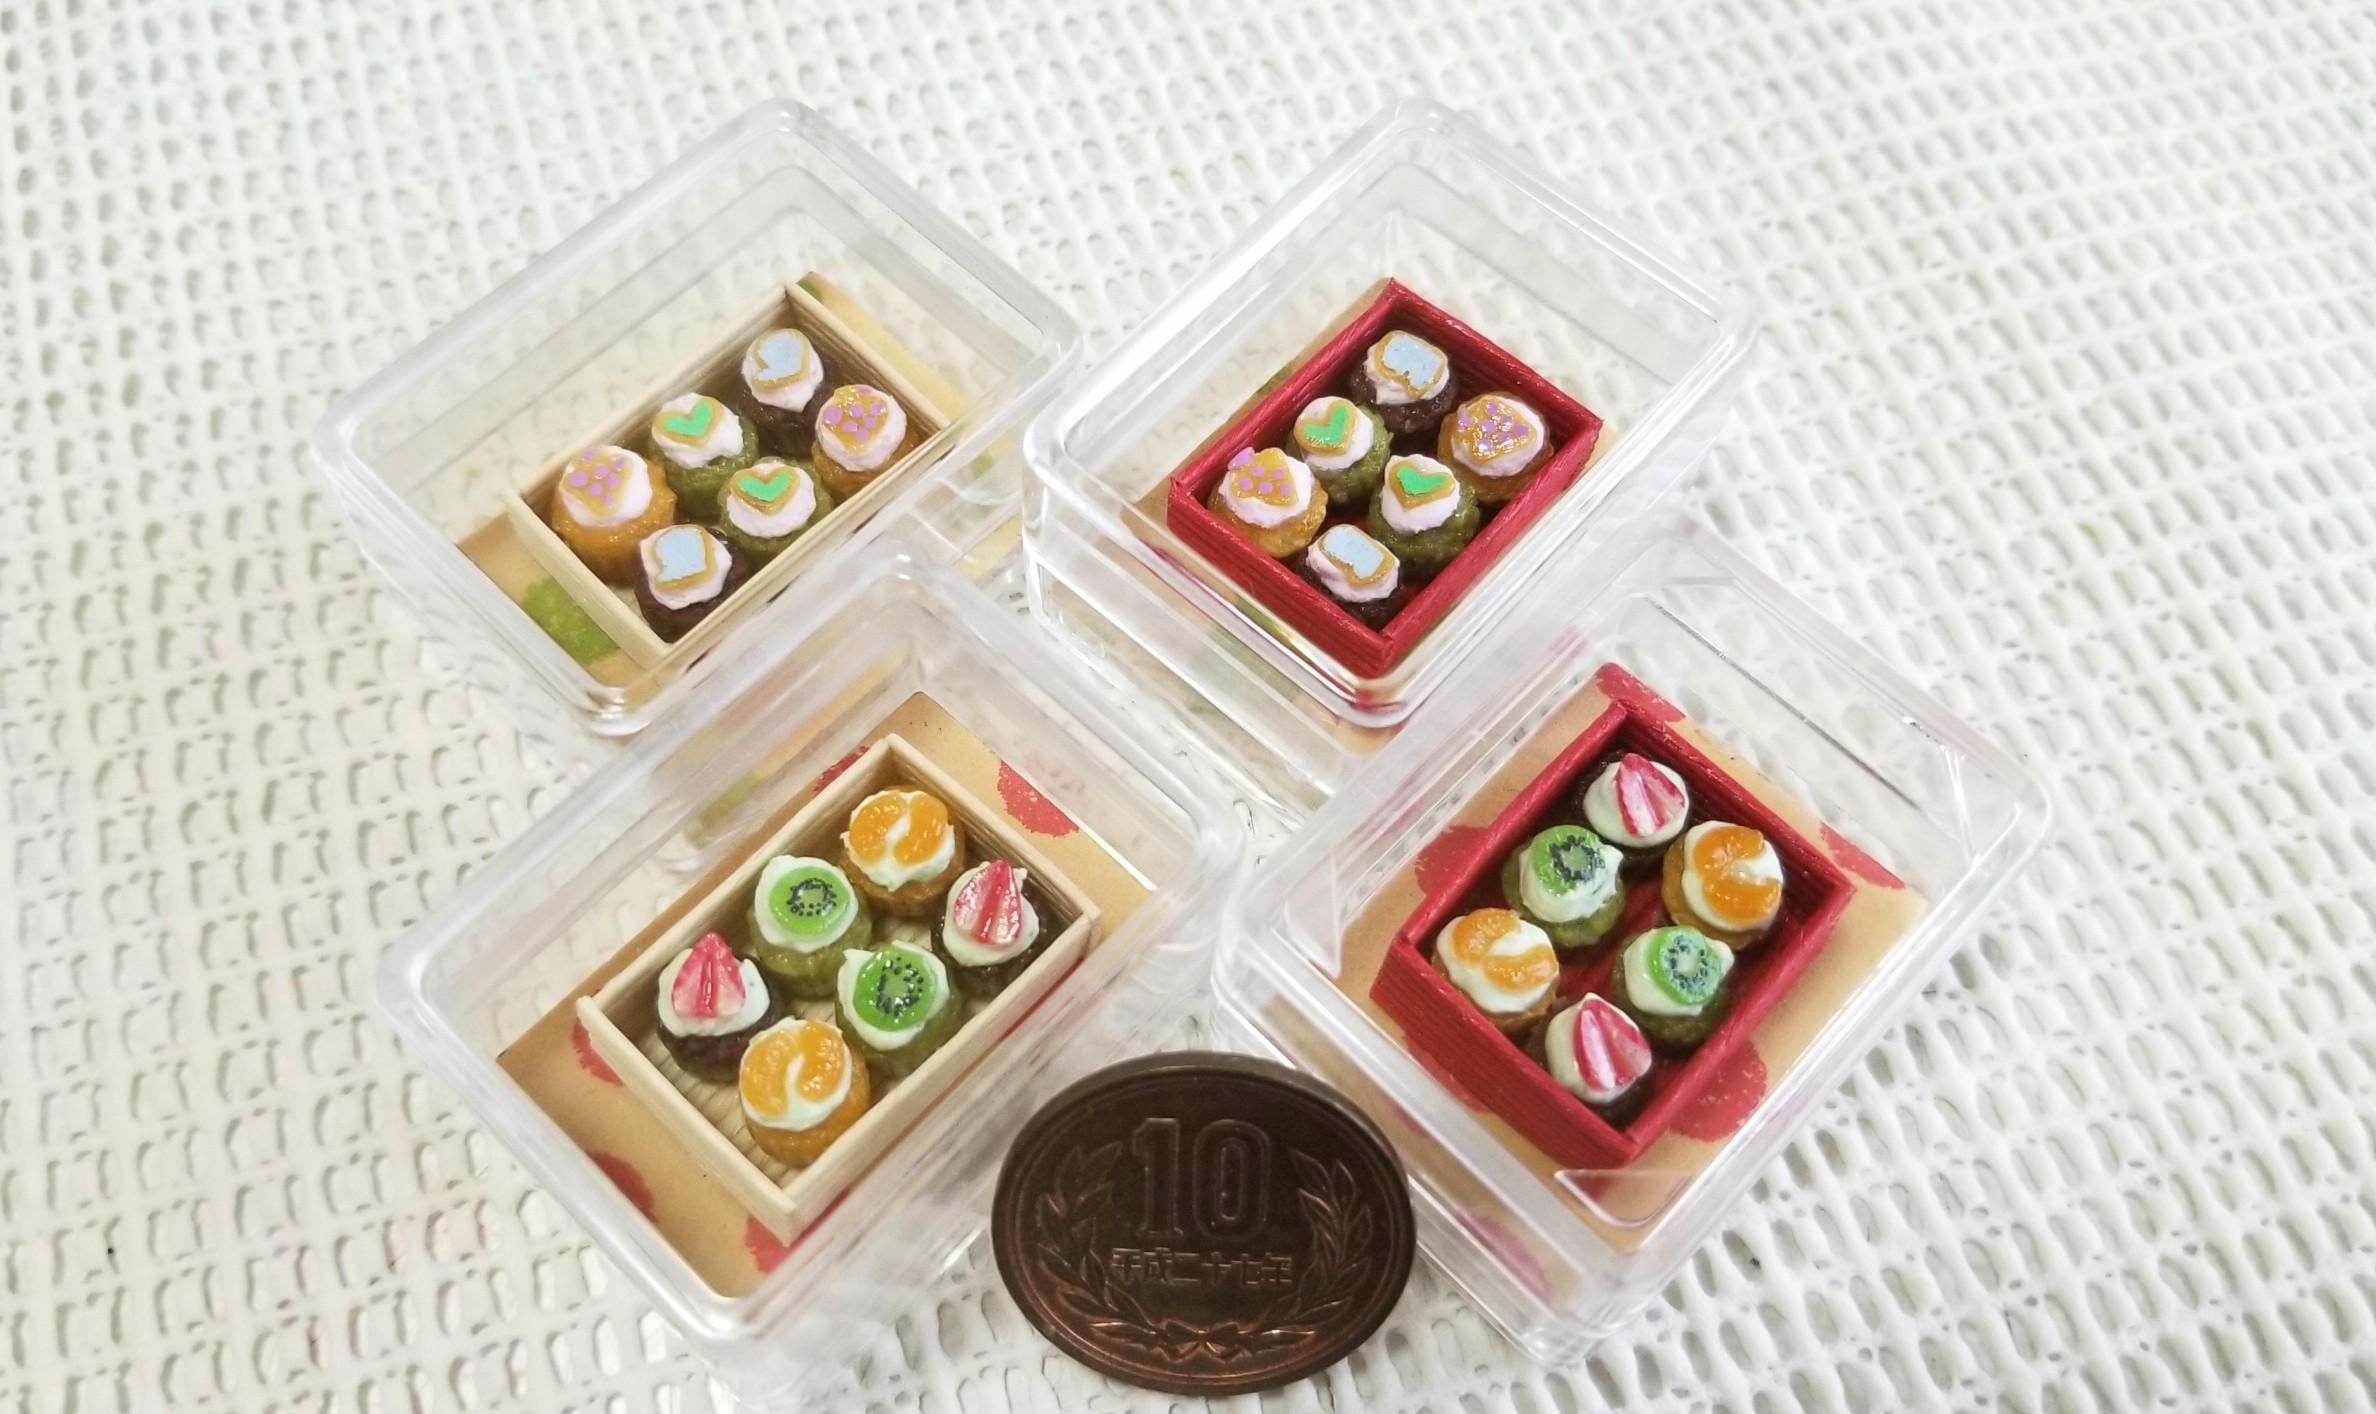 ミニチュア, ミニカップケーキ, 小さい, 可愛い, ミンネにて販売中